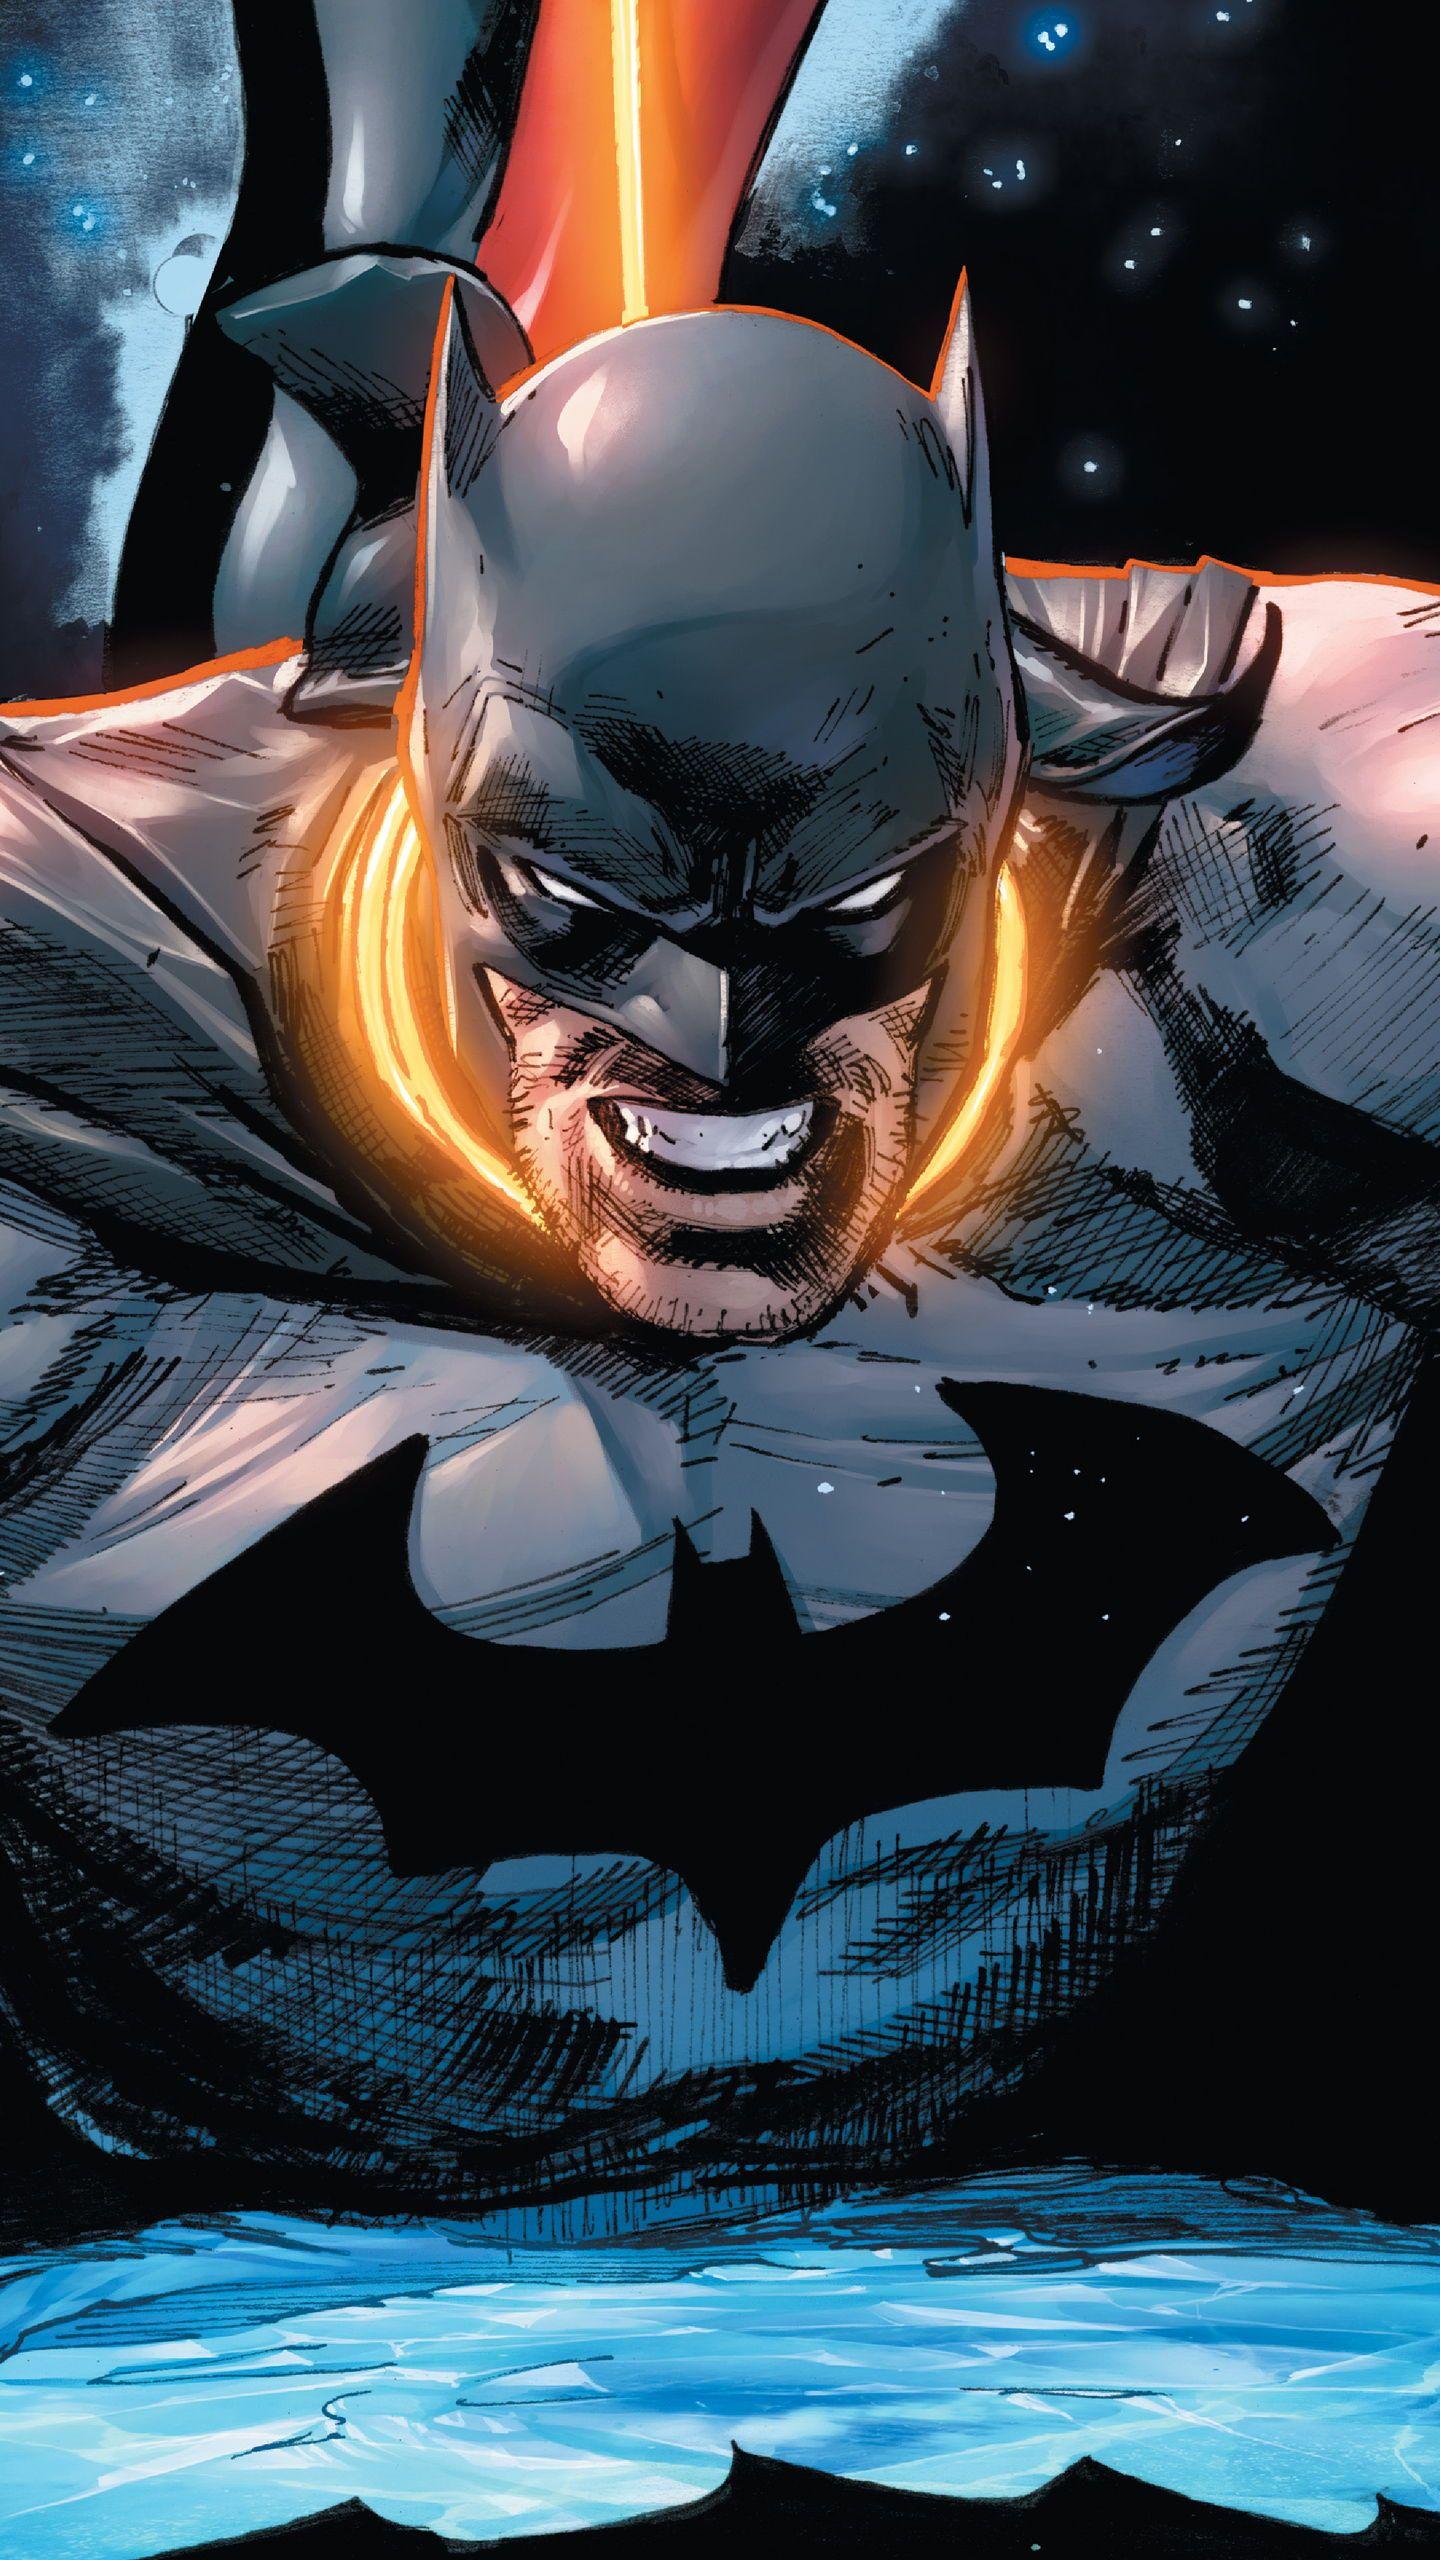 Download HD Movie Wallpapers Batman comics, Batman